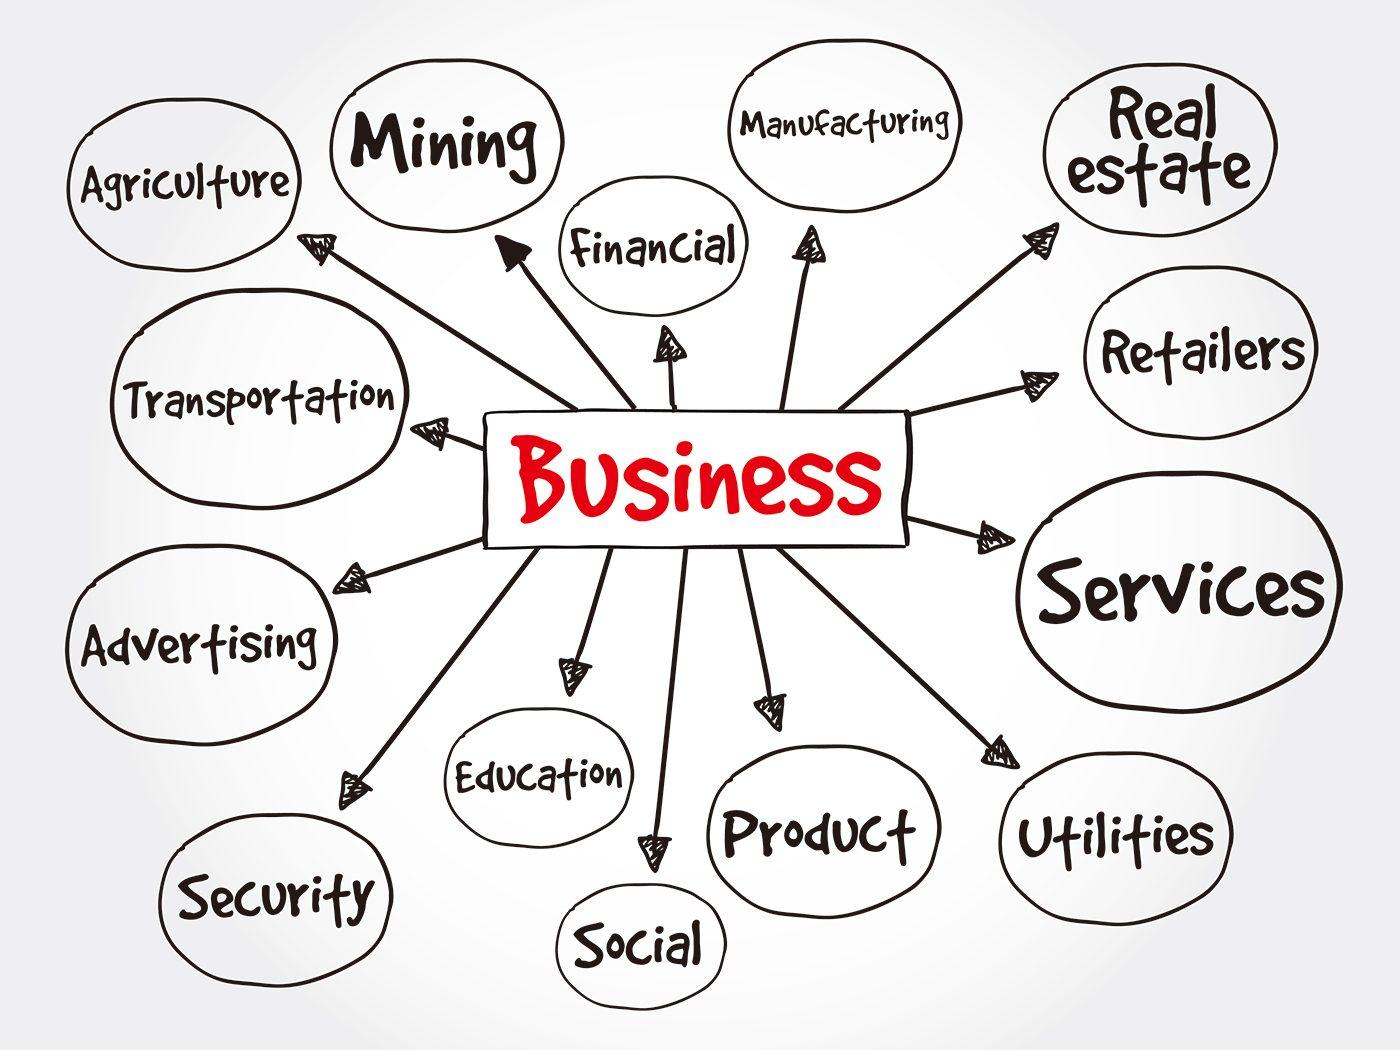 情報ガバナンスにおいて業種に関わらず取り組むべき3つの共通目標とは?